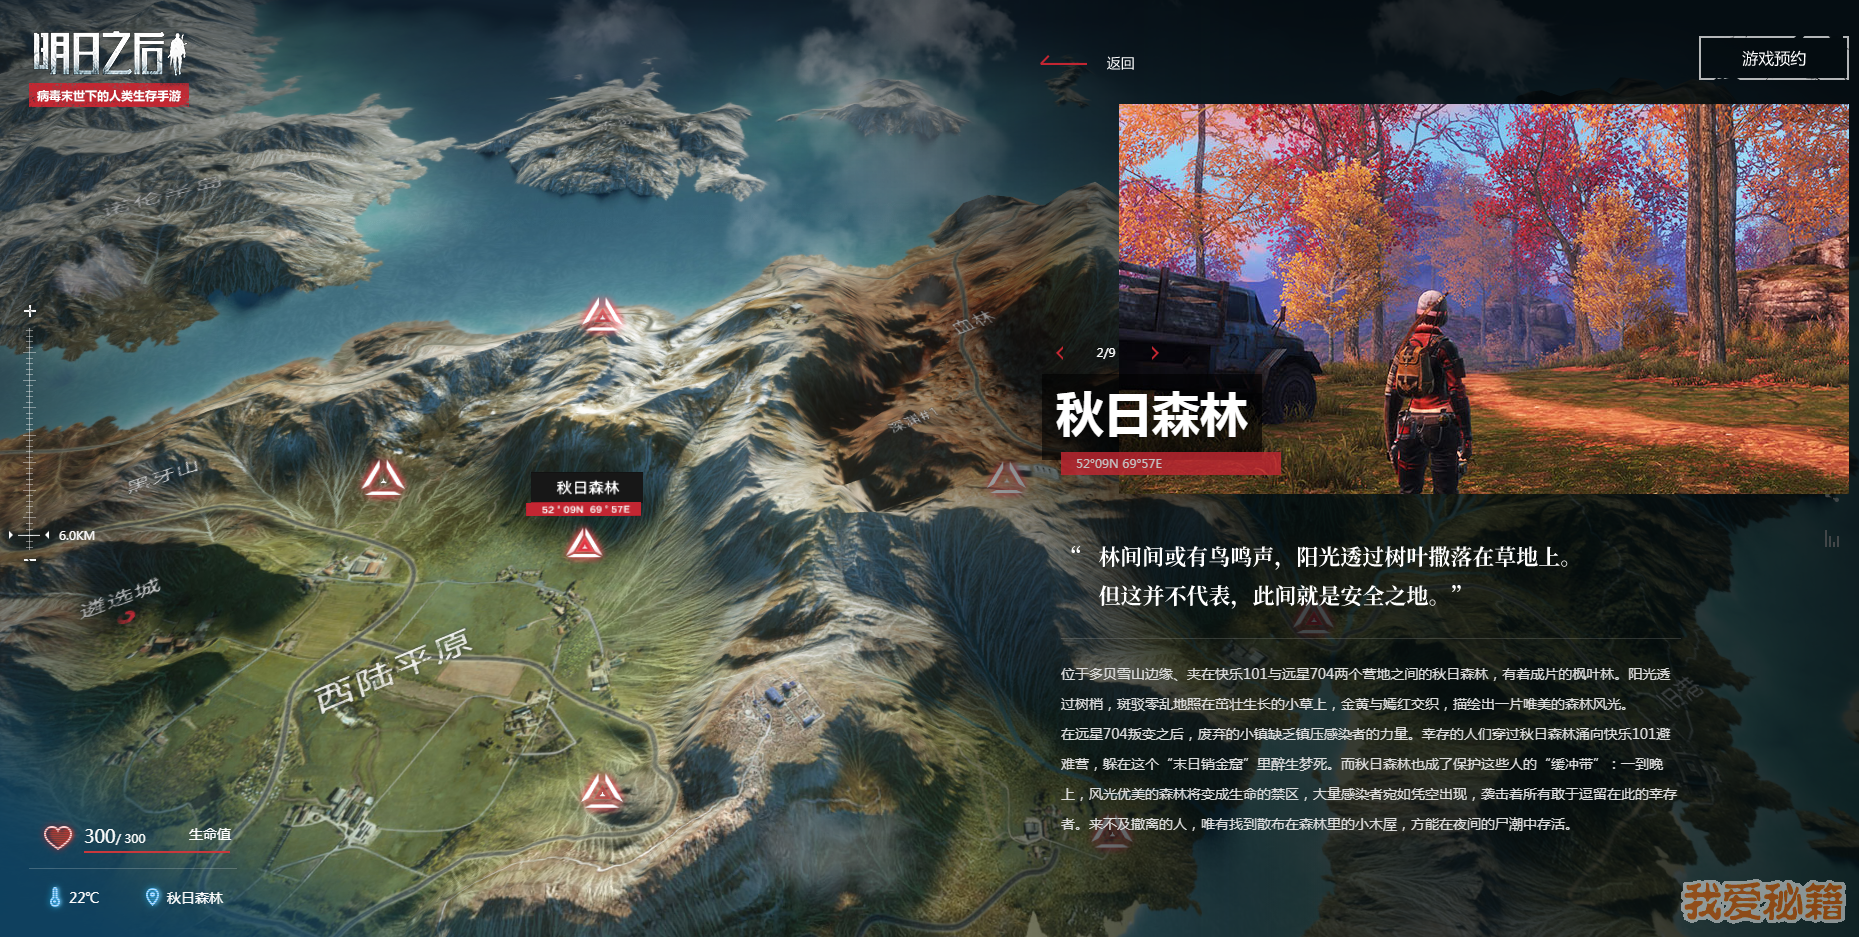 明日之后世界地图战上线_官方世界地图介绍